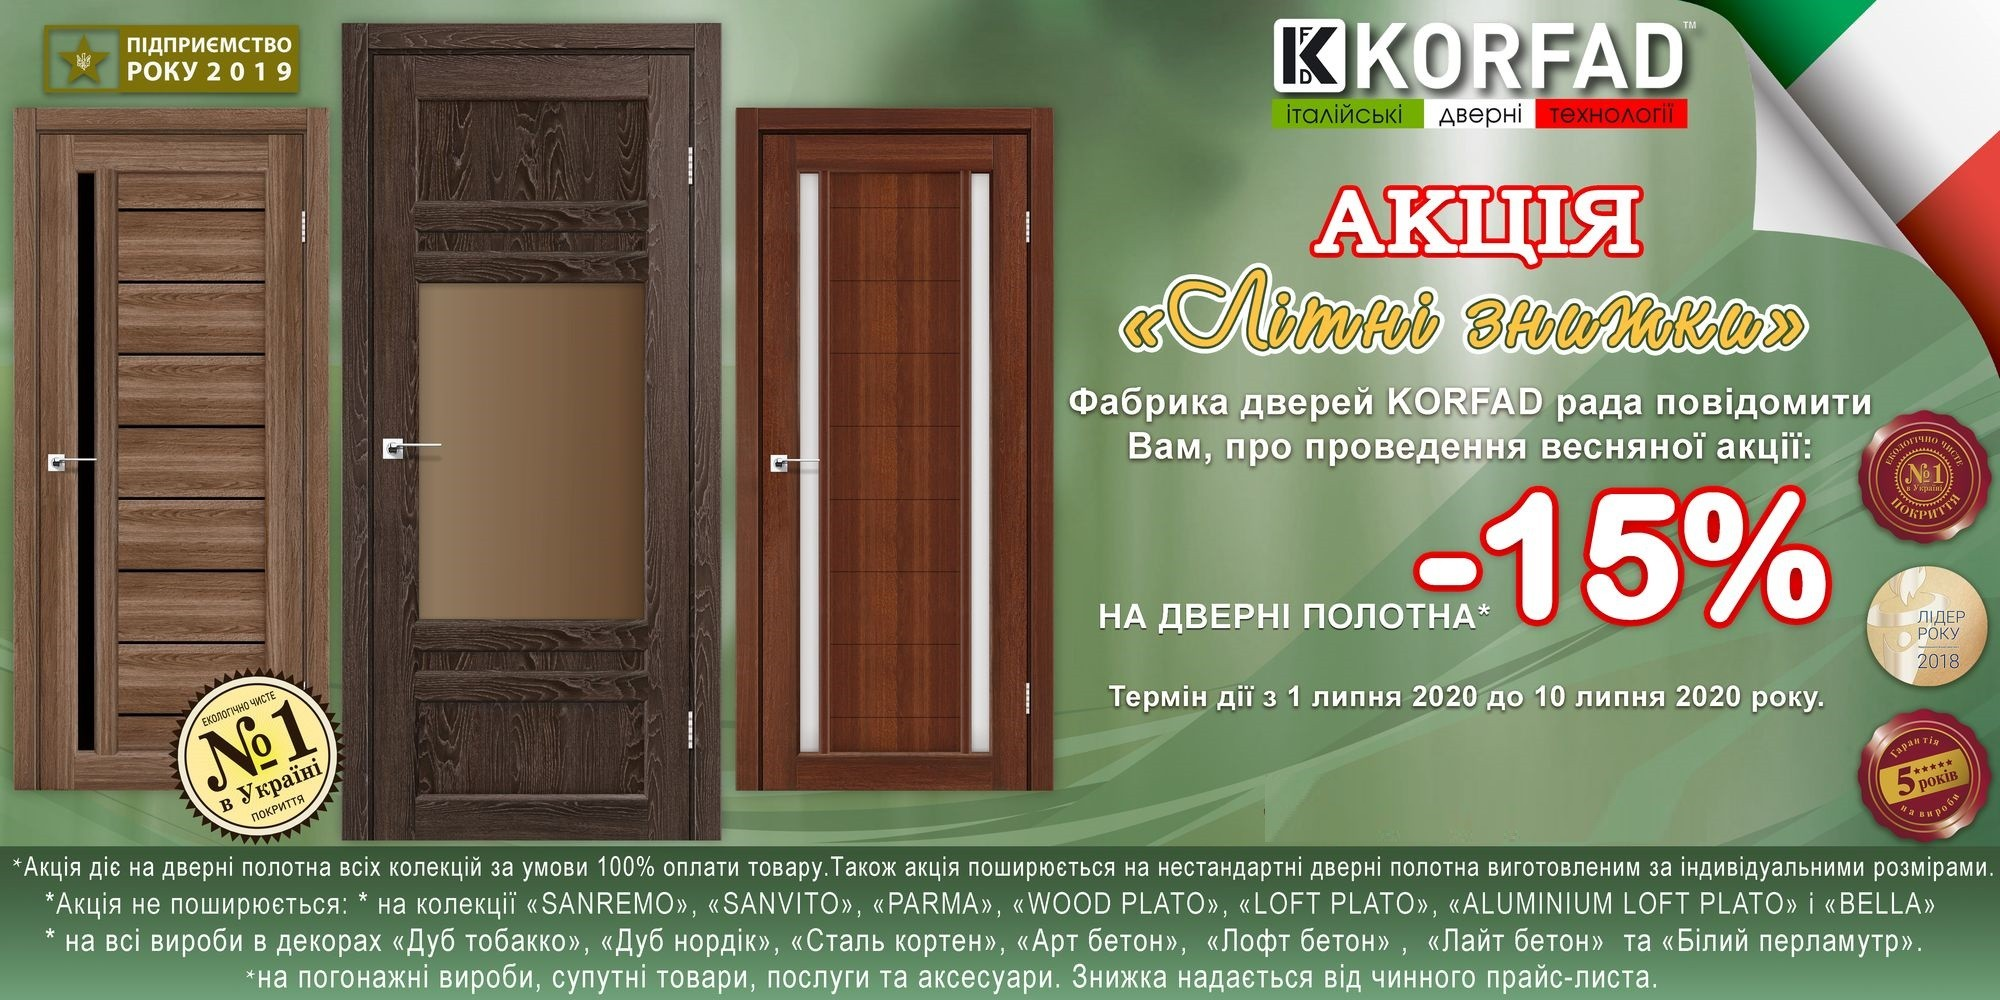 - 15% знижка на дверні полотна*